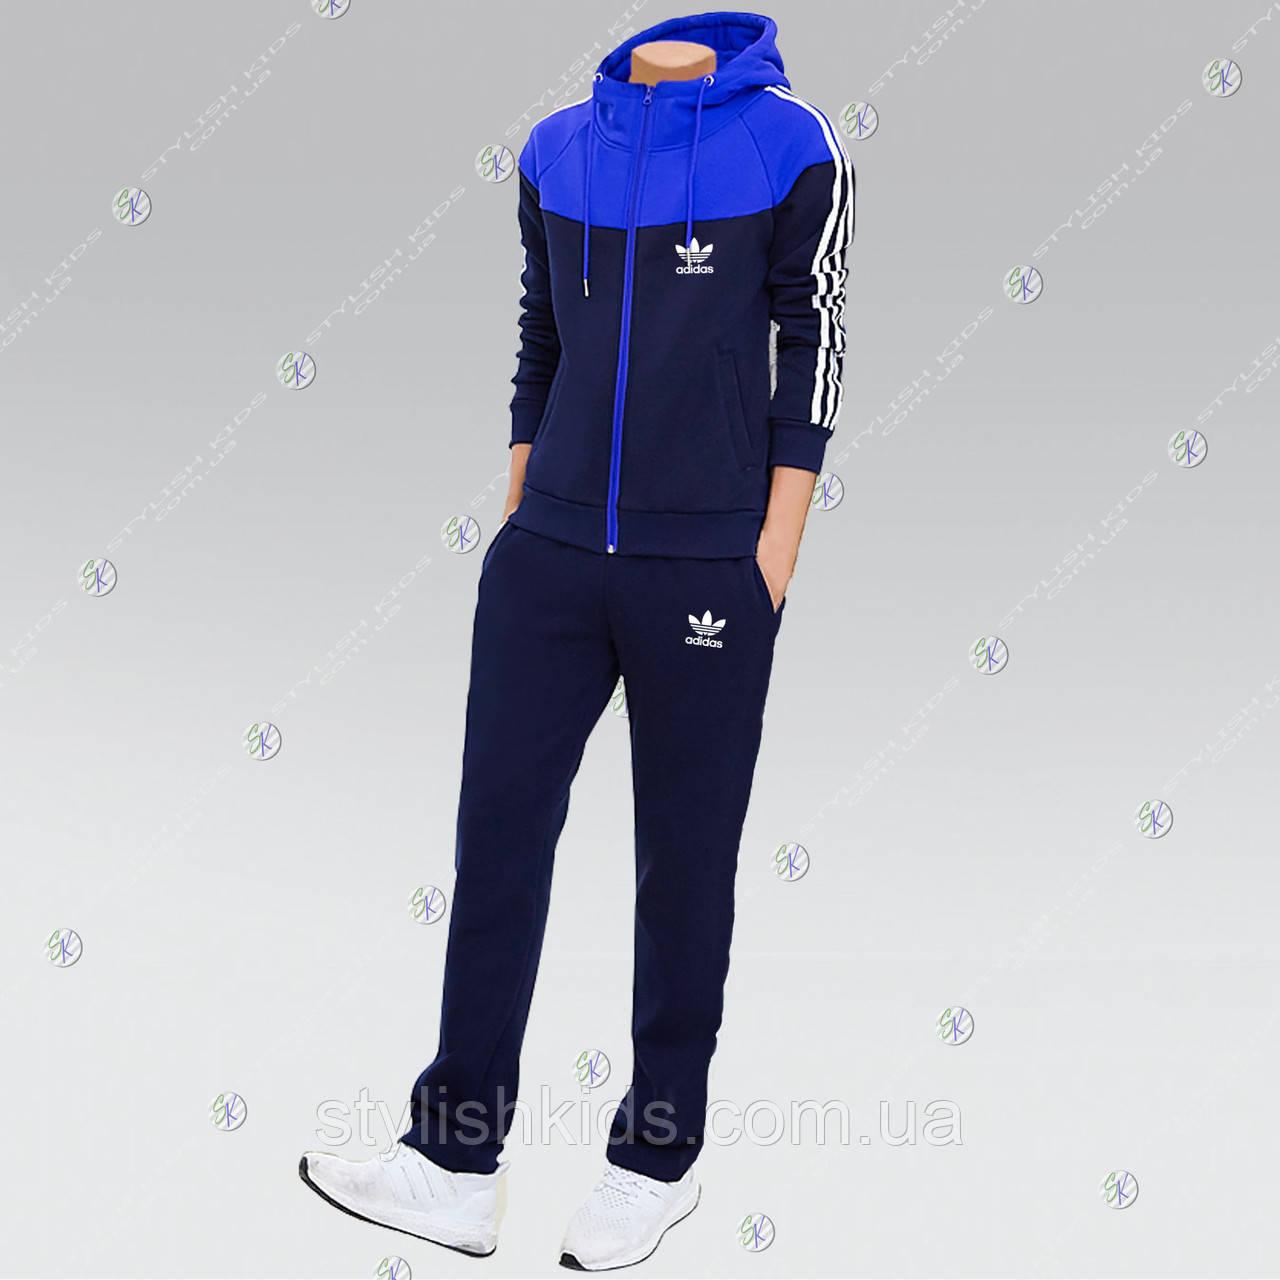 Купить спортивный костюм для подростка.Спортивный костюм для подростка в  интернет магазине. - STYLISH 7bfc8e5e0ec